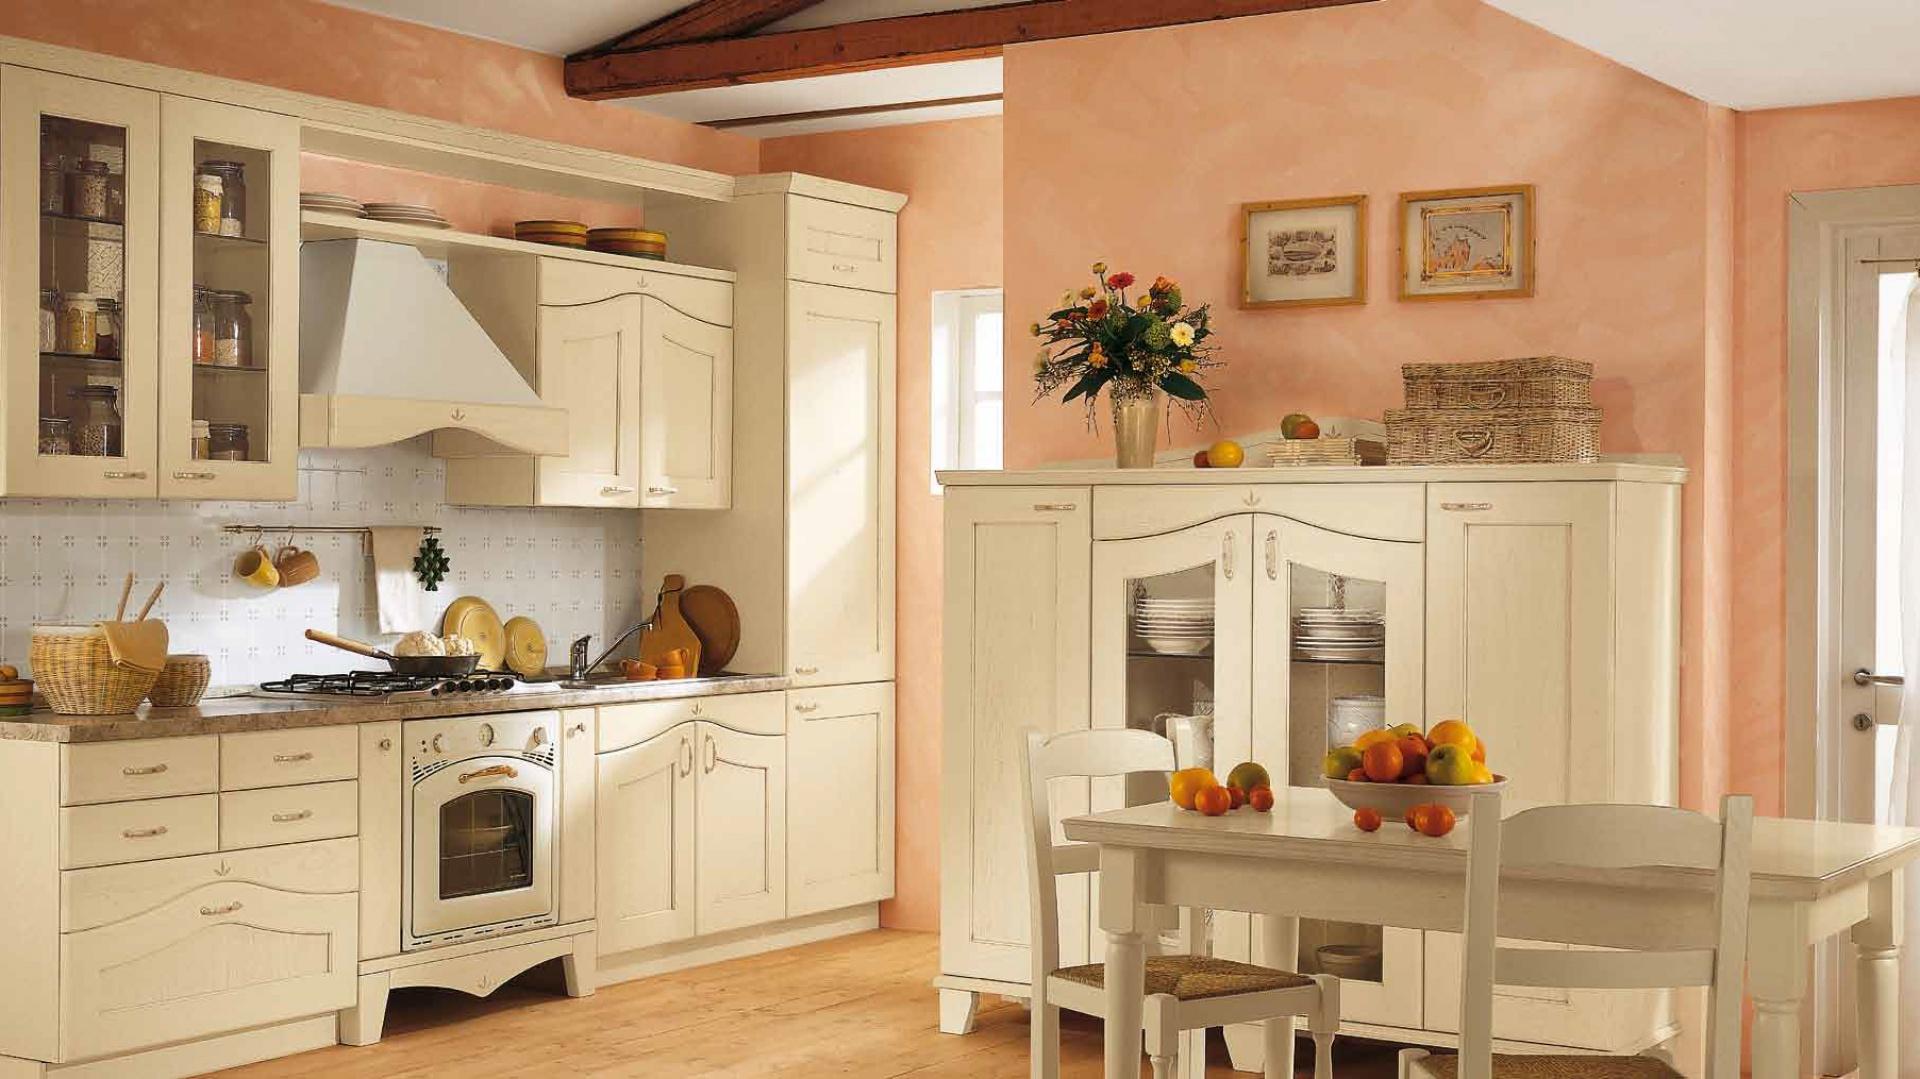 Meble kuchenne w klasycznym Klasyczna kuchnia Tak urządzisz ją w jasnyc   # Kuchnia Meble Rustykalne